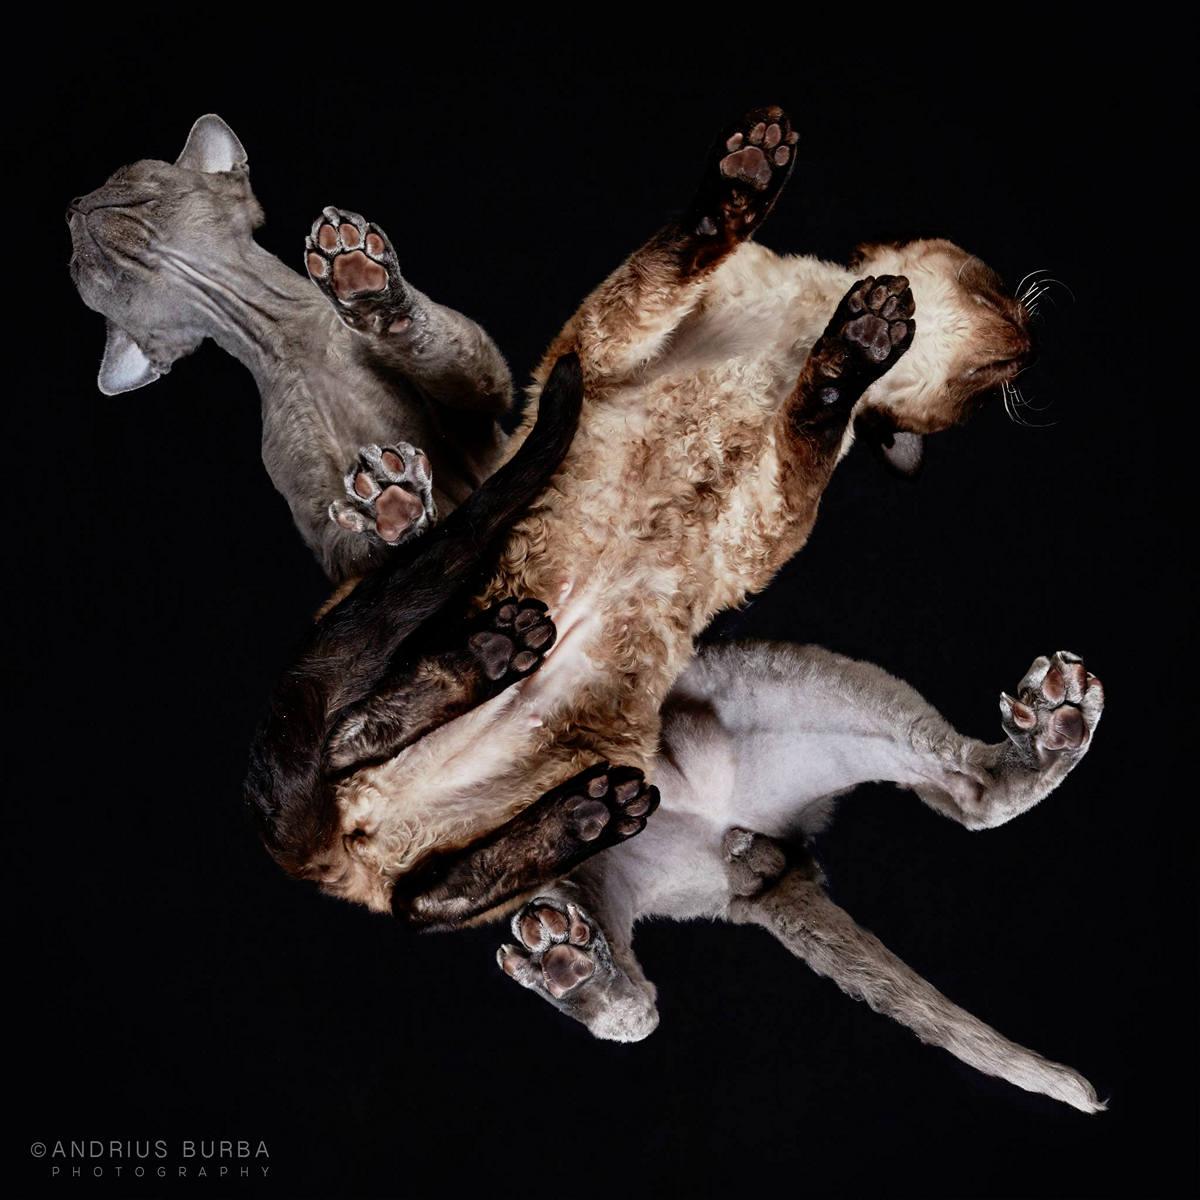 «Взгляд снизу»: чудные фотографии животных в проекте Андриуса Бурбы 21